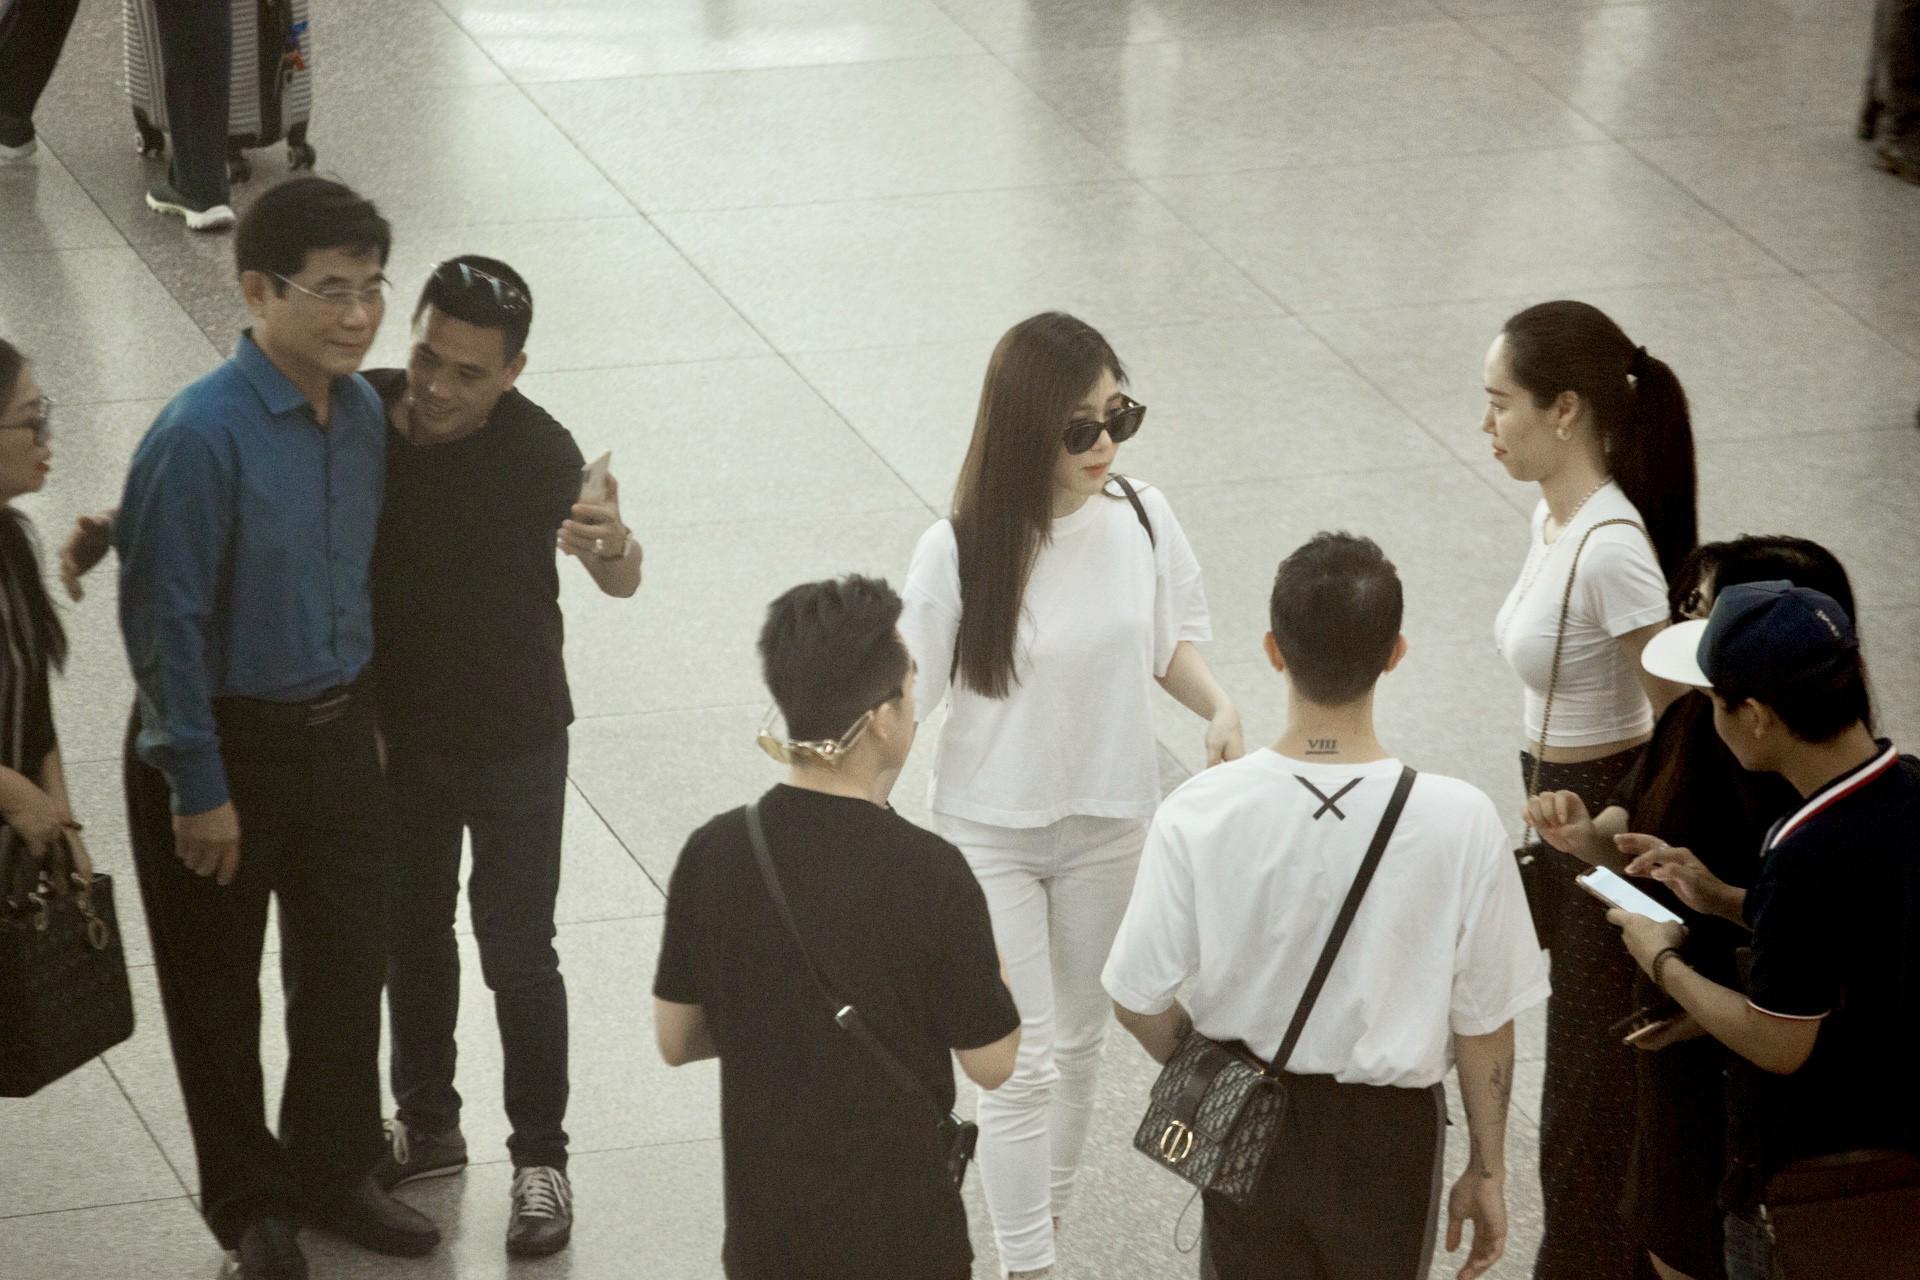 Hương Tràm xuất hiện bên bố mẹ, xúc động khi chính thức dừng hát để đi du học Mỹ  - Ảnh 5.